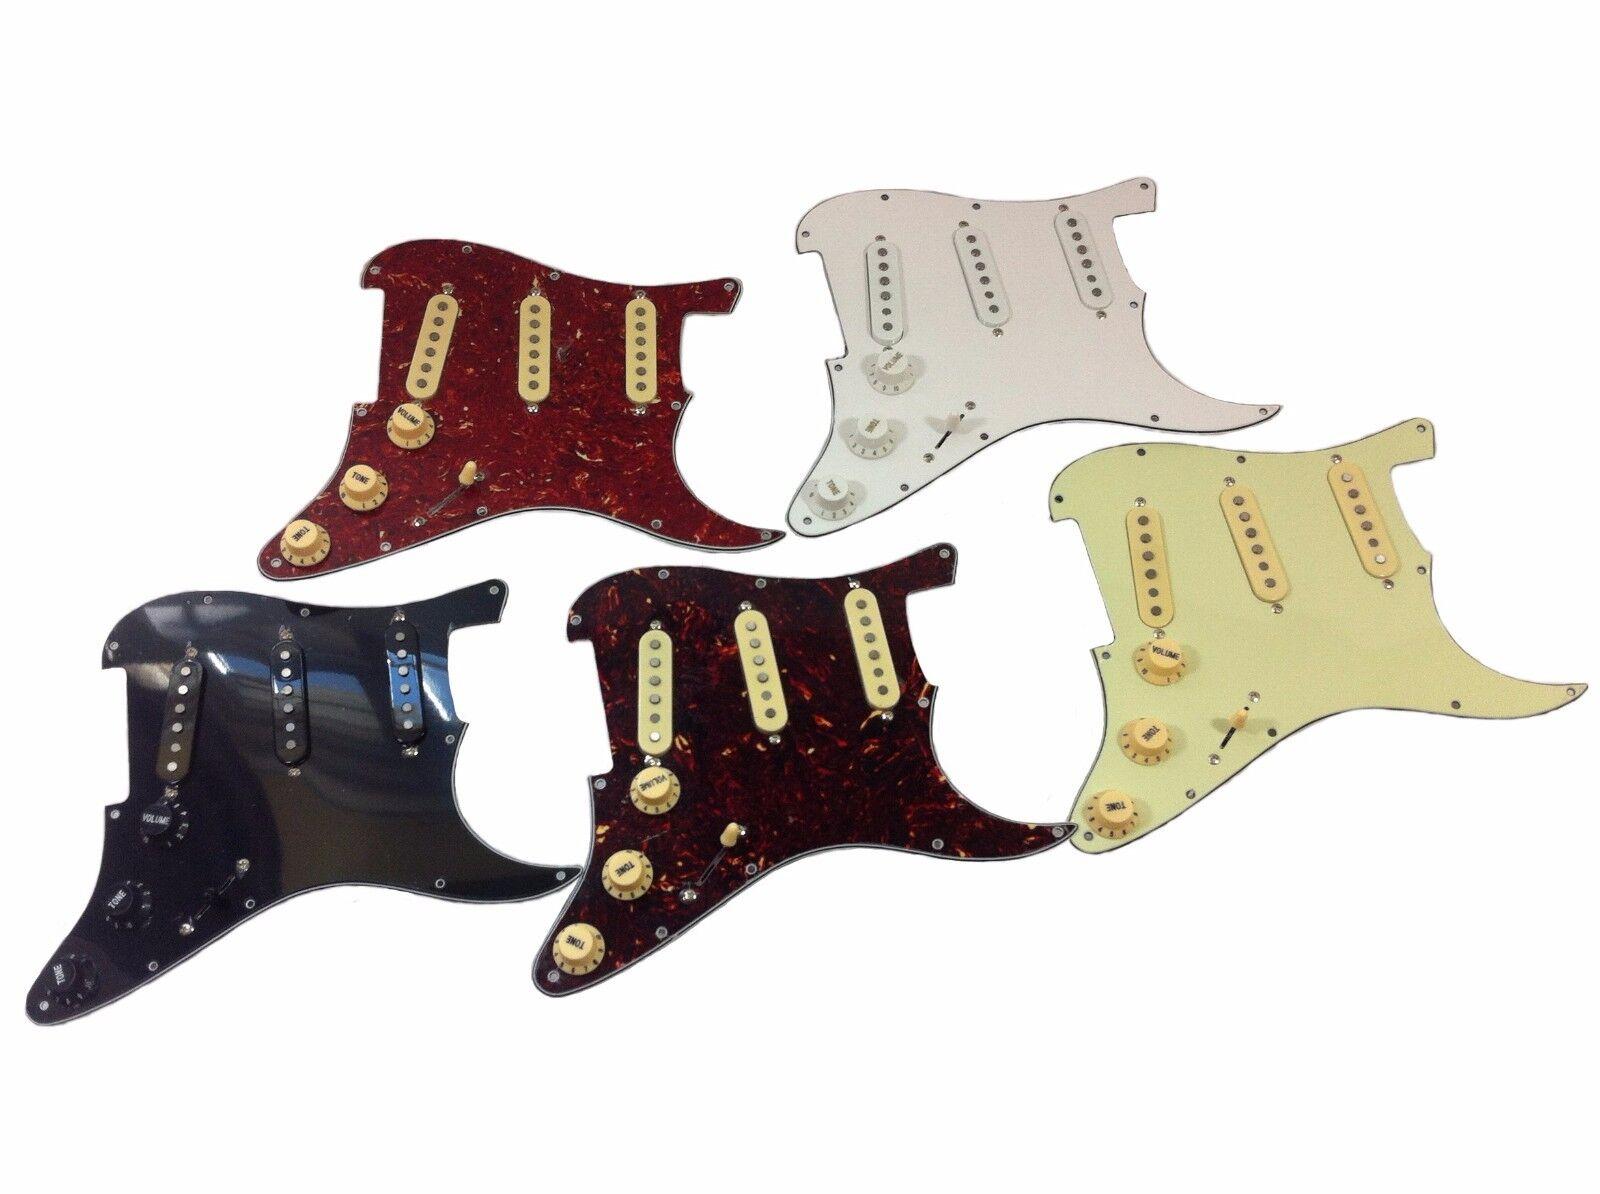 Geladen Alnico Stange Tonabnehmer Stratocaster   Strat Schlagbrett für USA   Mex